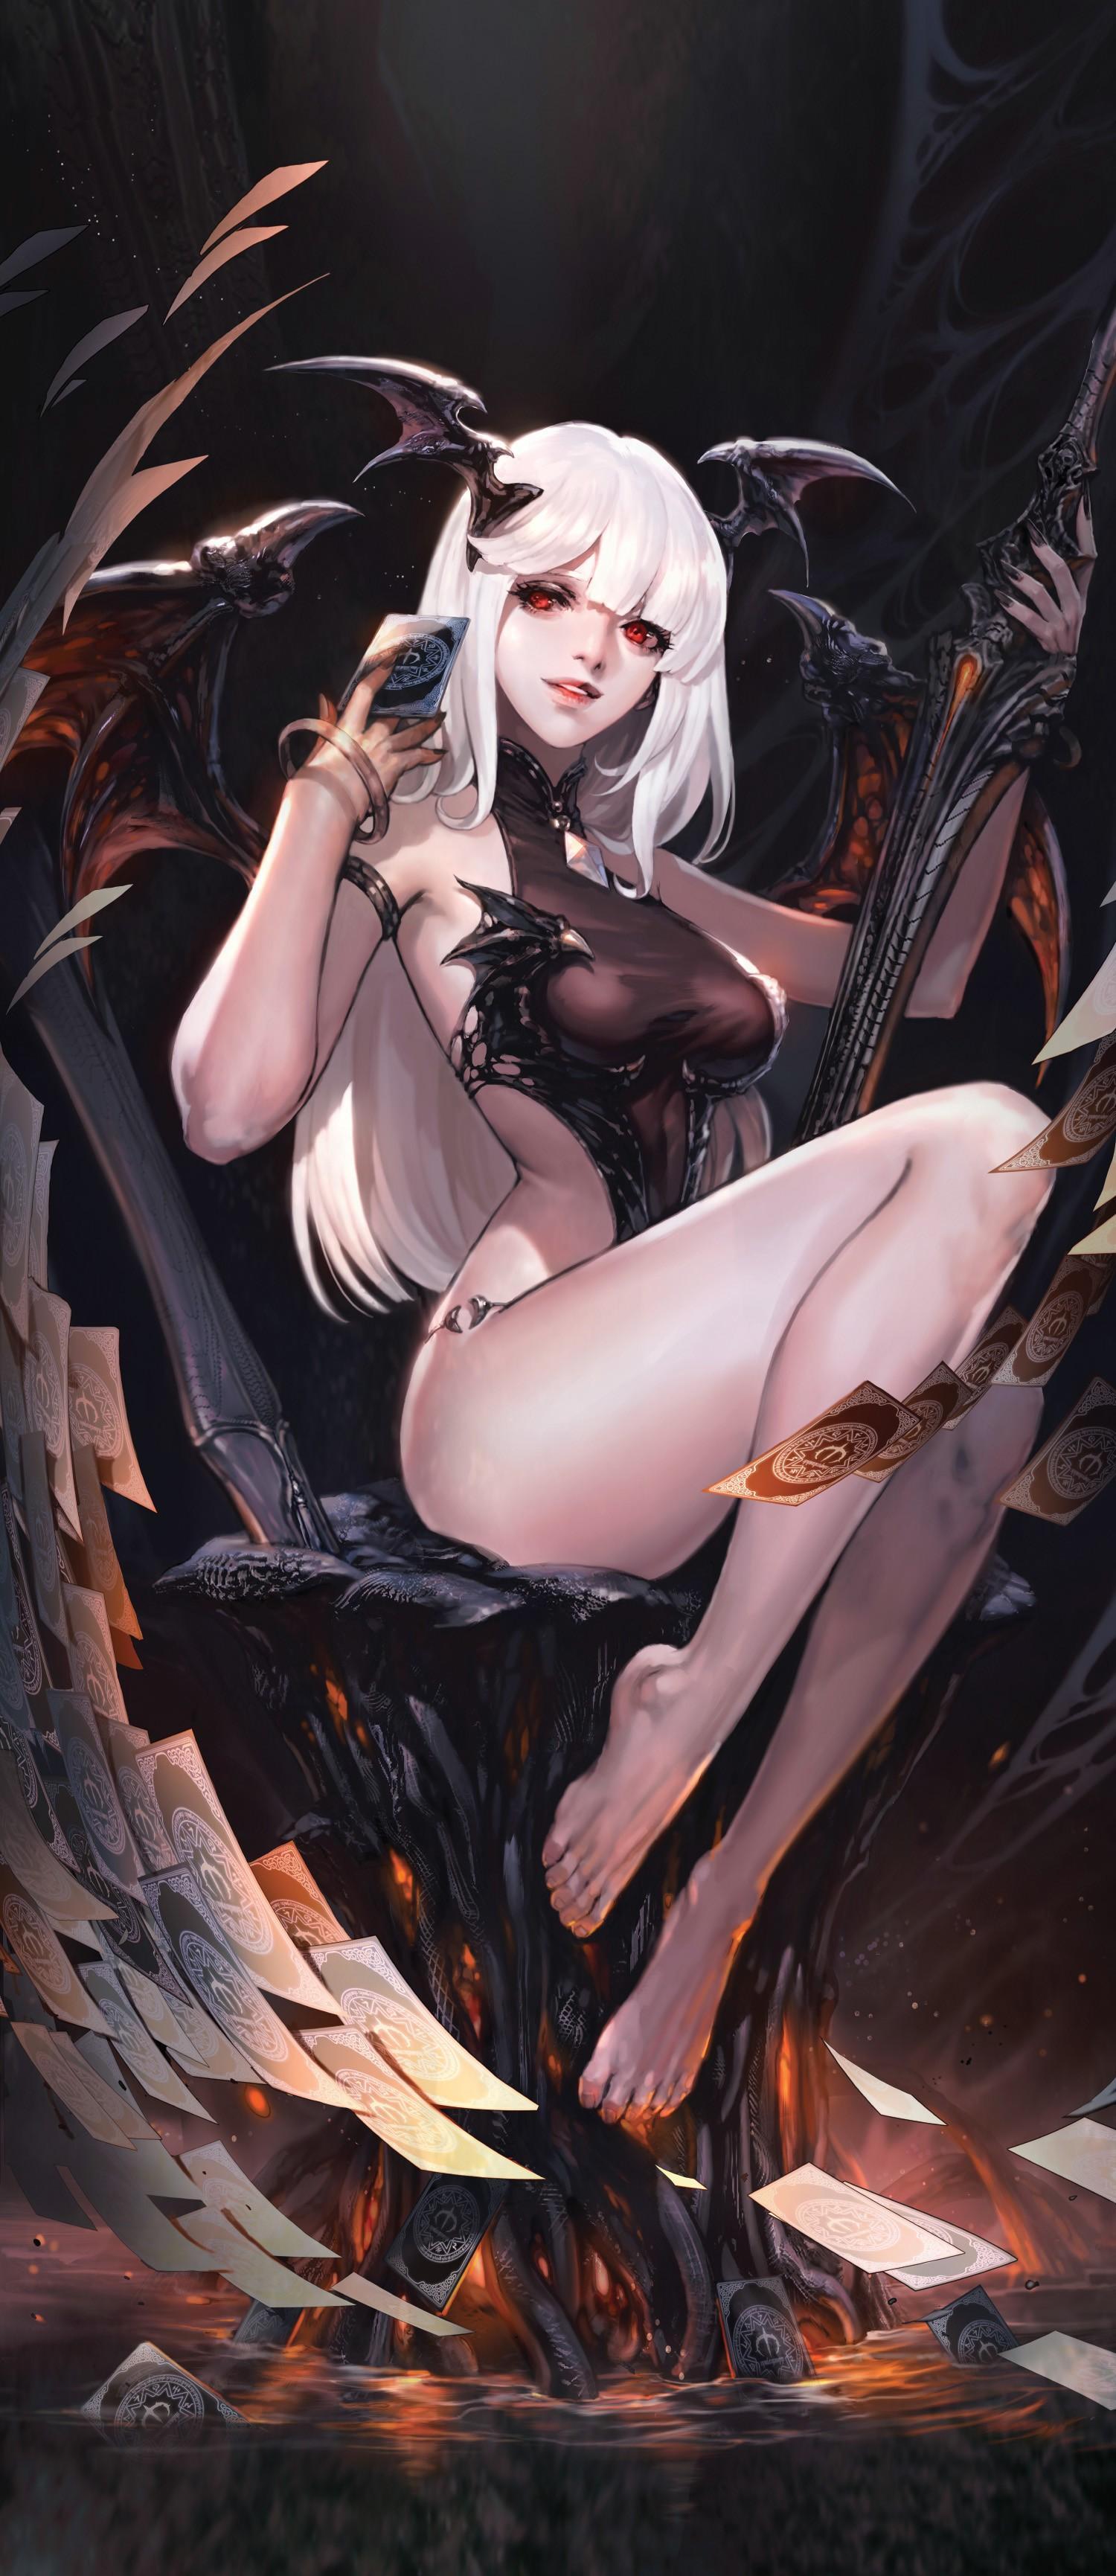 Succubus big ass fantasy art sex image